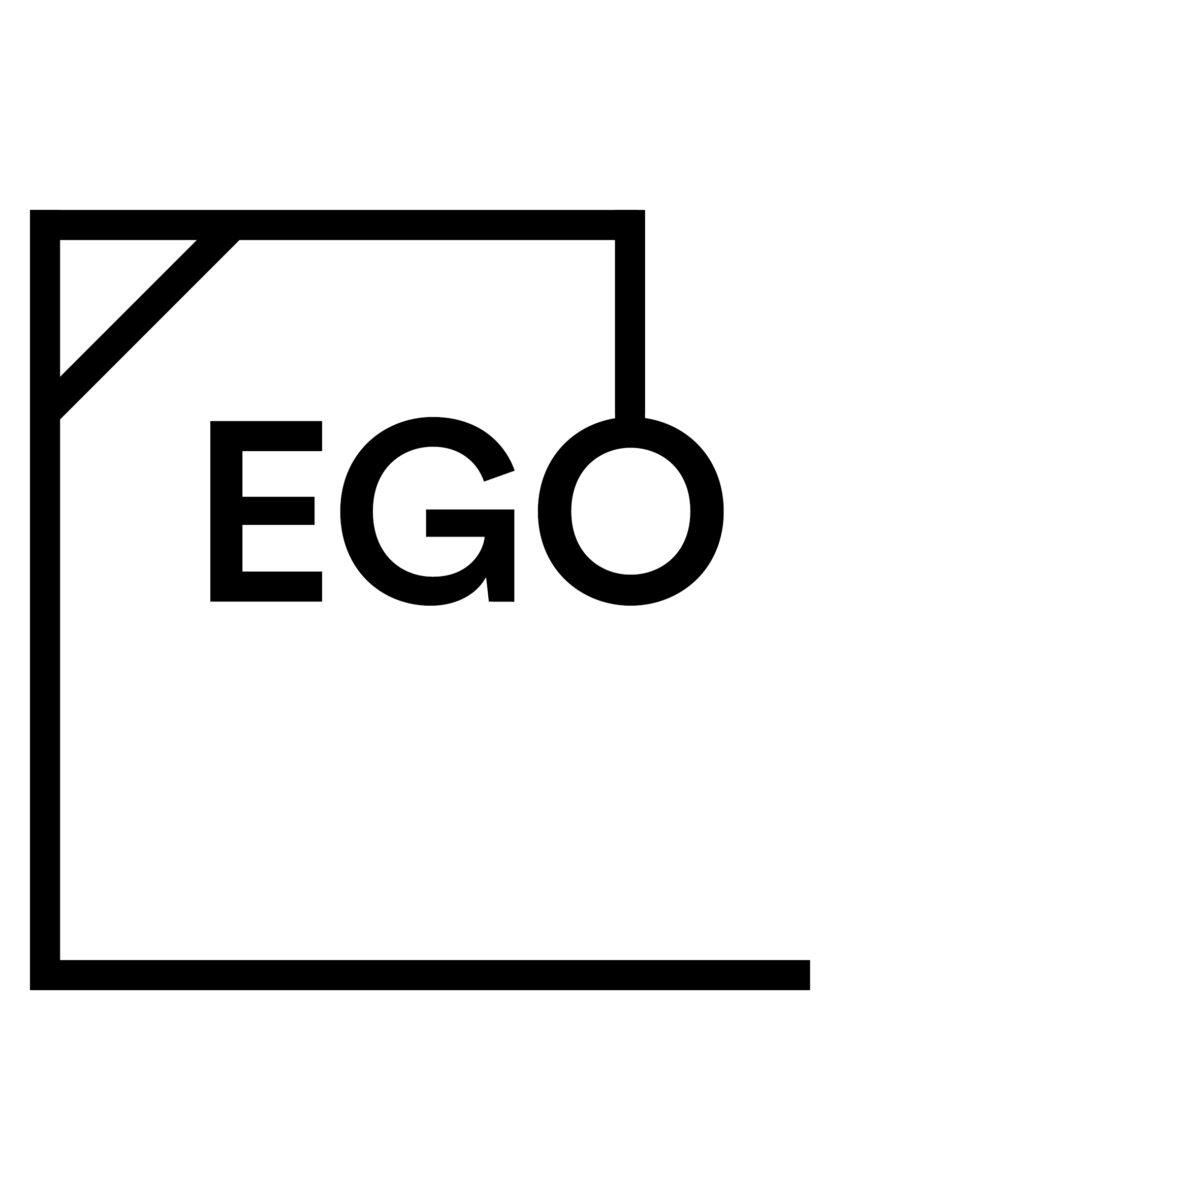 EGO-01-01